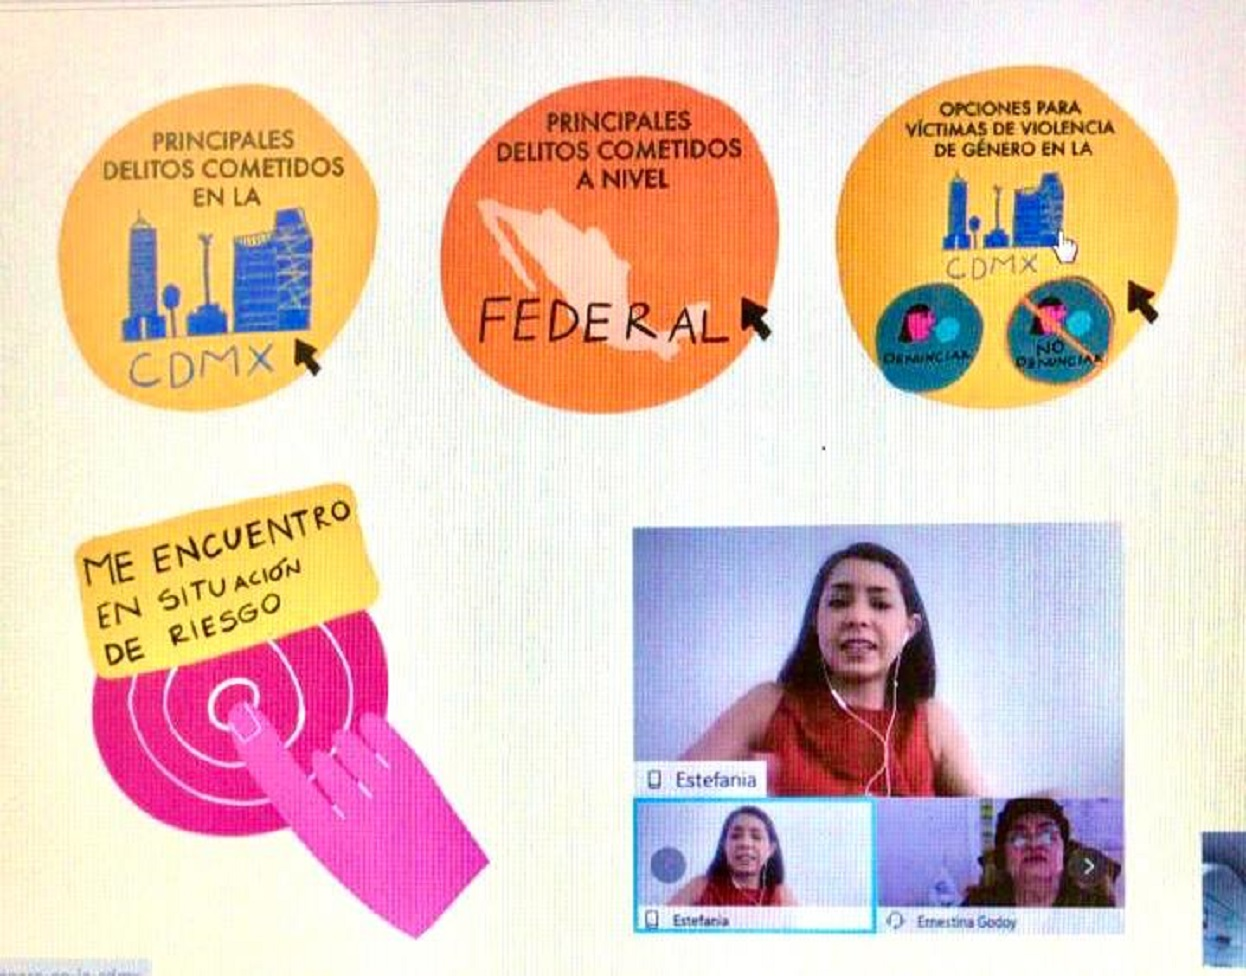 Presentan herramienta digital para denunciar violencia de género en CDMX